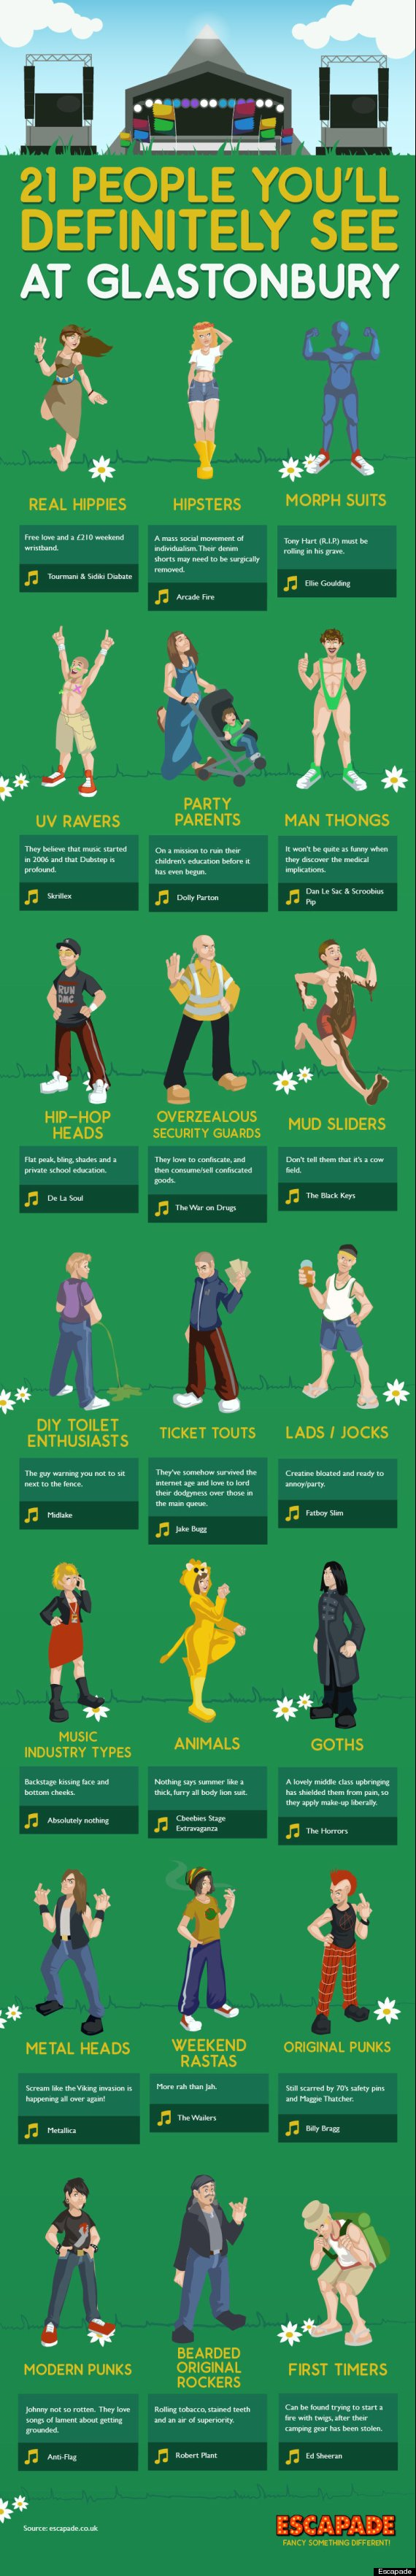 glastonbury infographic